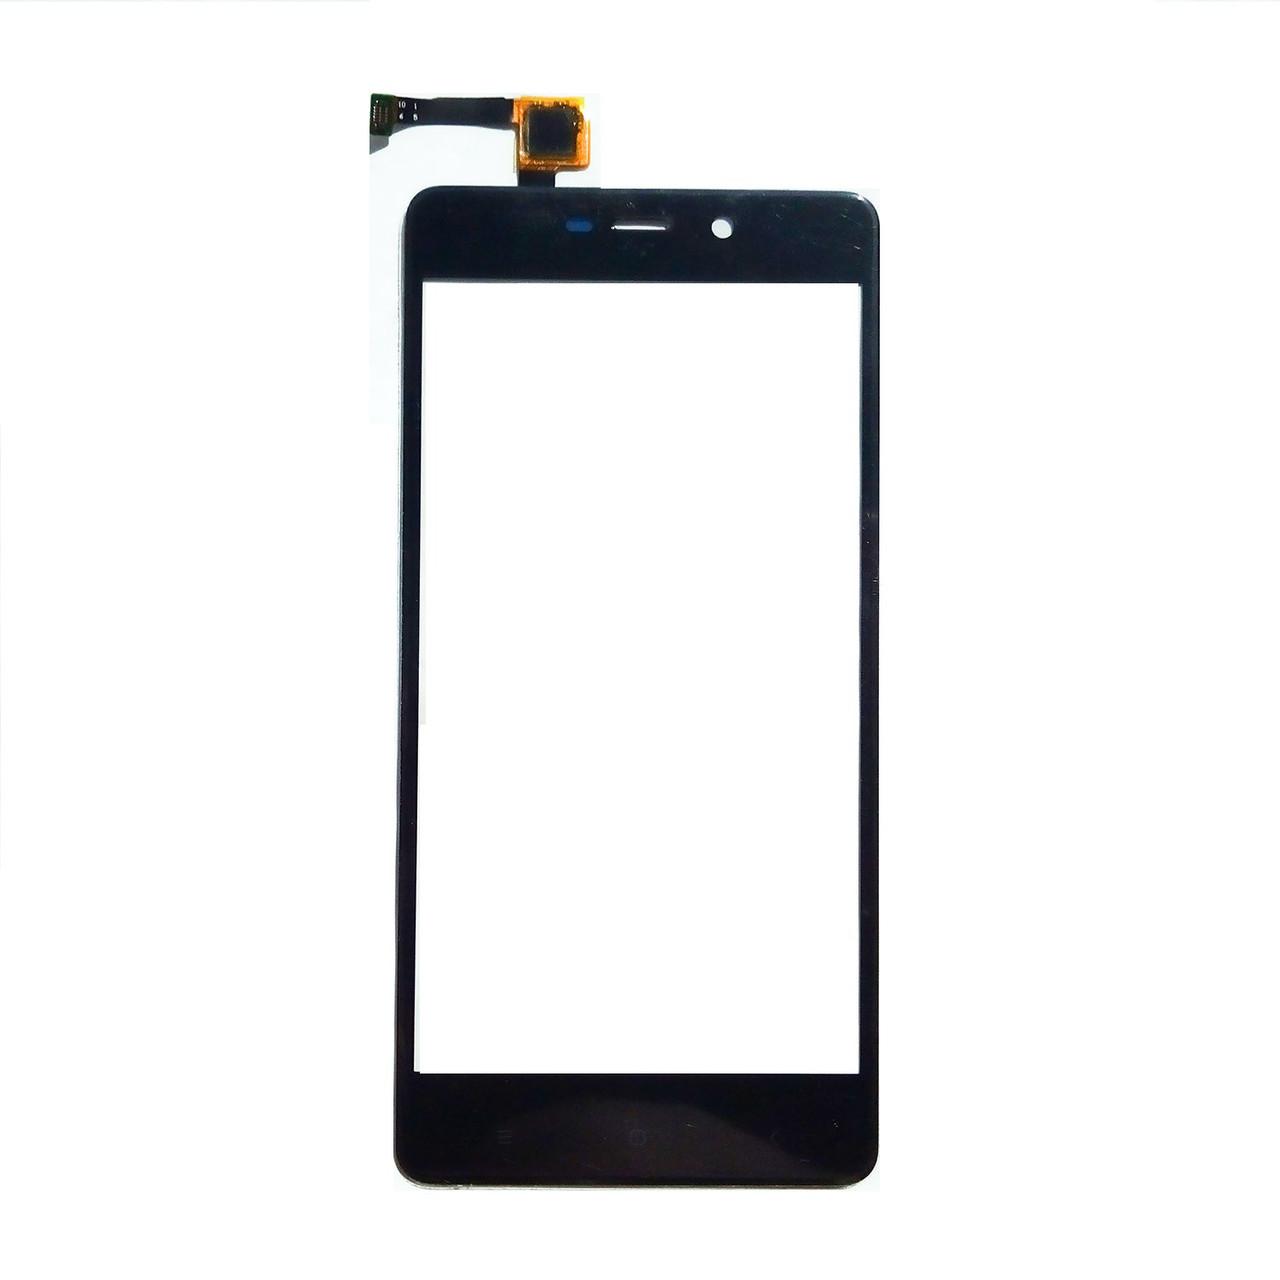 Сенсорный экран для смартфона Xiaomi Redmi 4 Pro / Prime, тачскрин черный